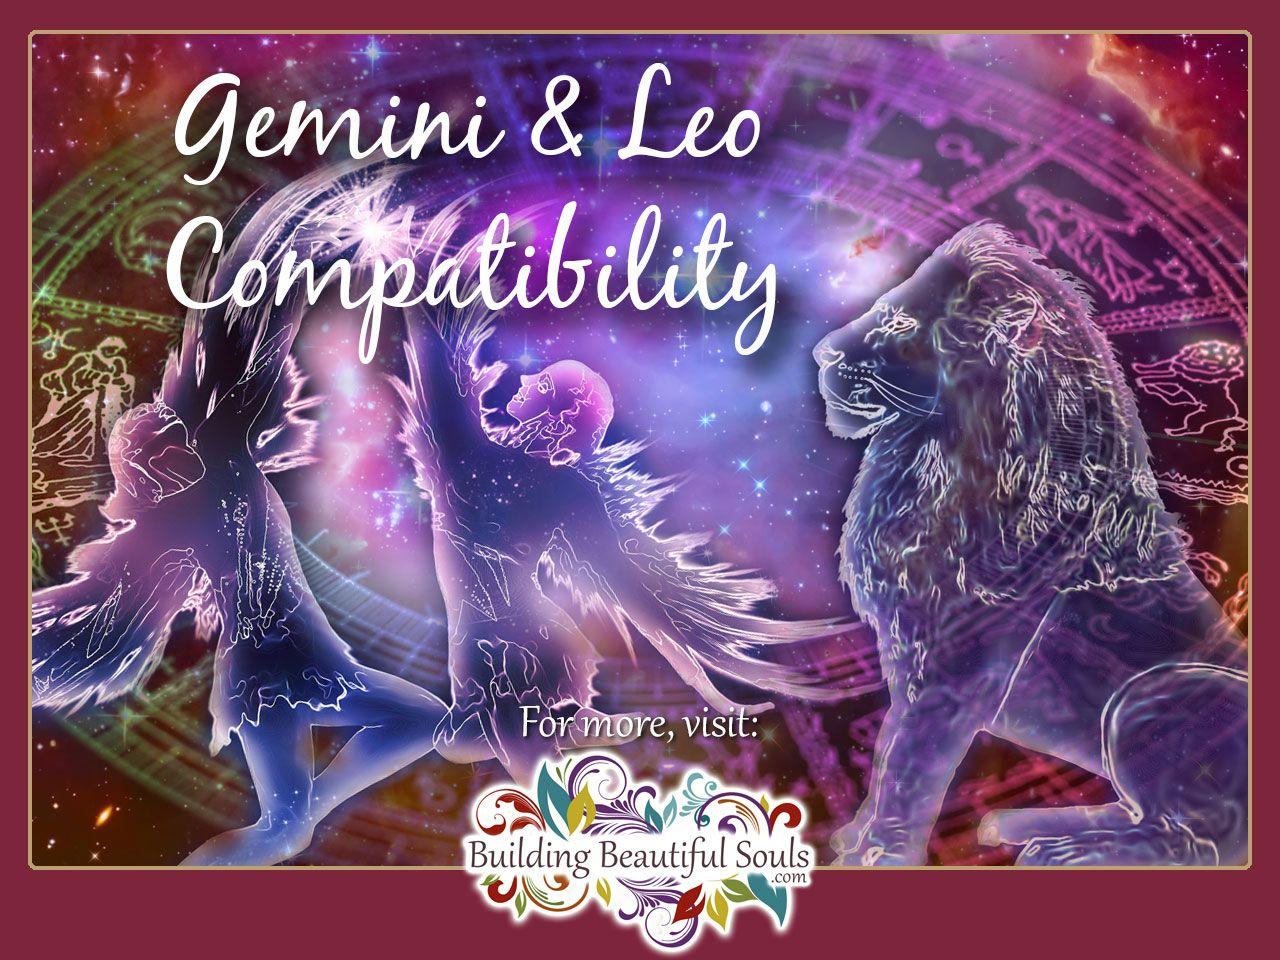 Gemini and Leo 1280x960